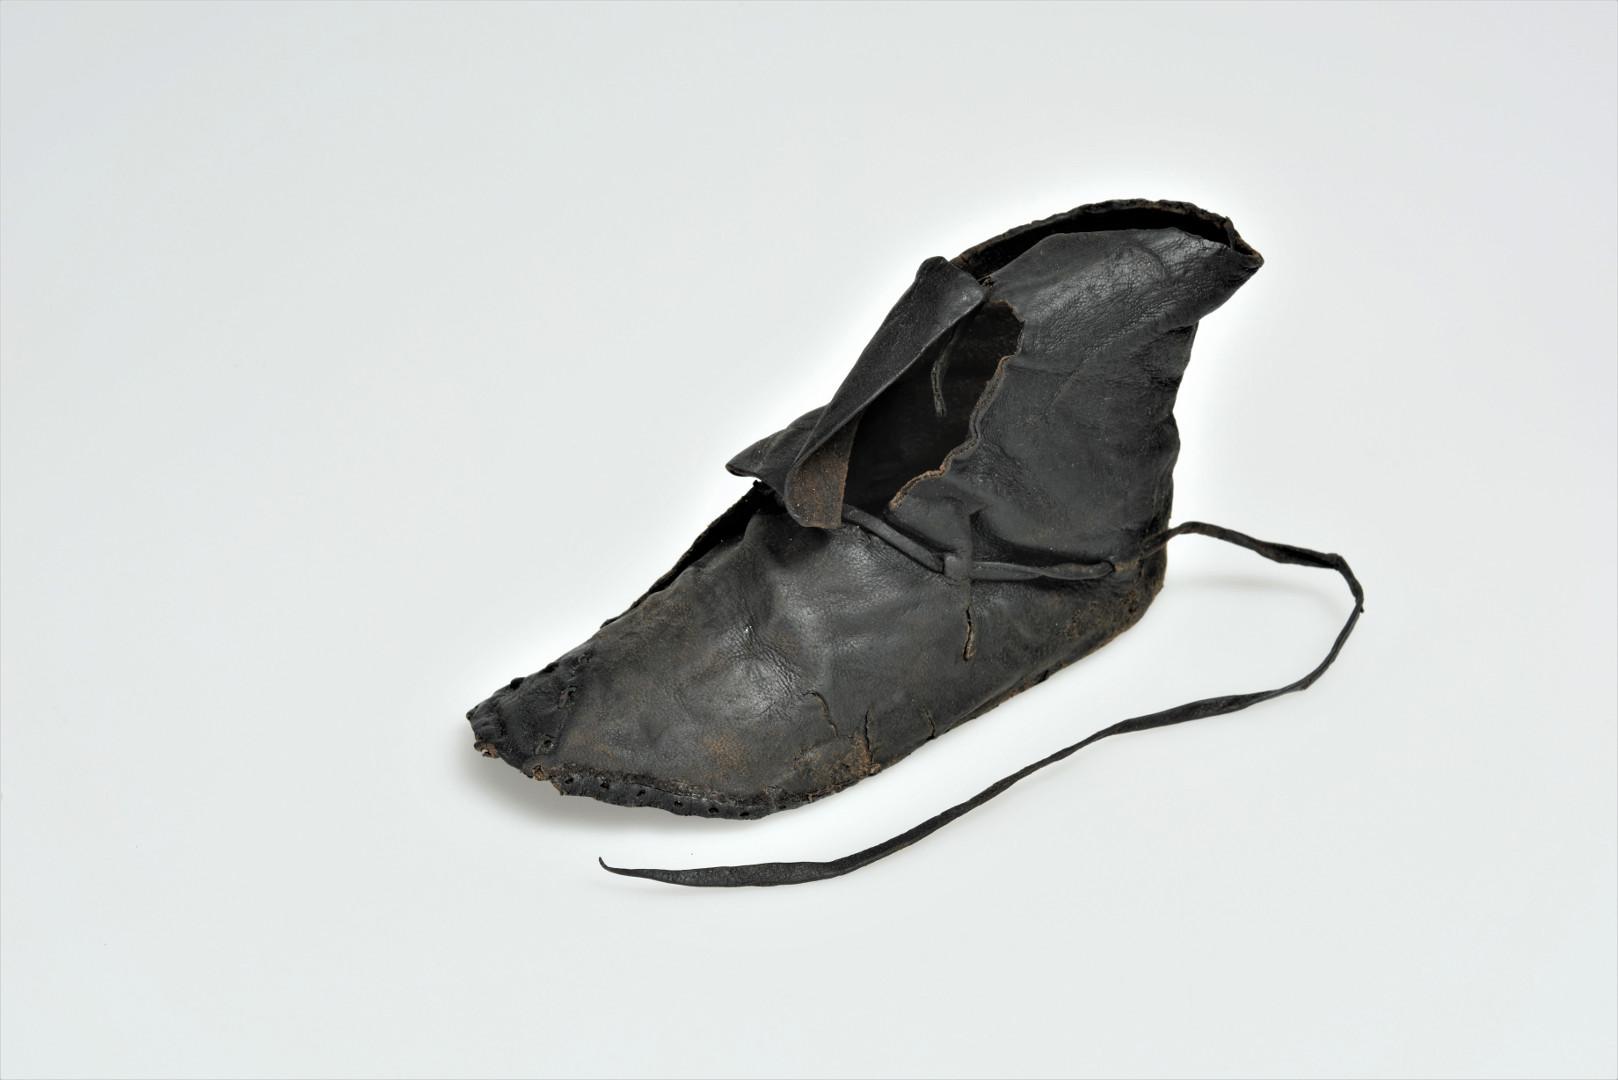 Vaikiškas kairės kojos auliukinis su batraiščiu. XIV a. I p. | Kęstutis Stoškus, Lietuvos nacionalnio muziejaus nuotr.